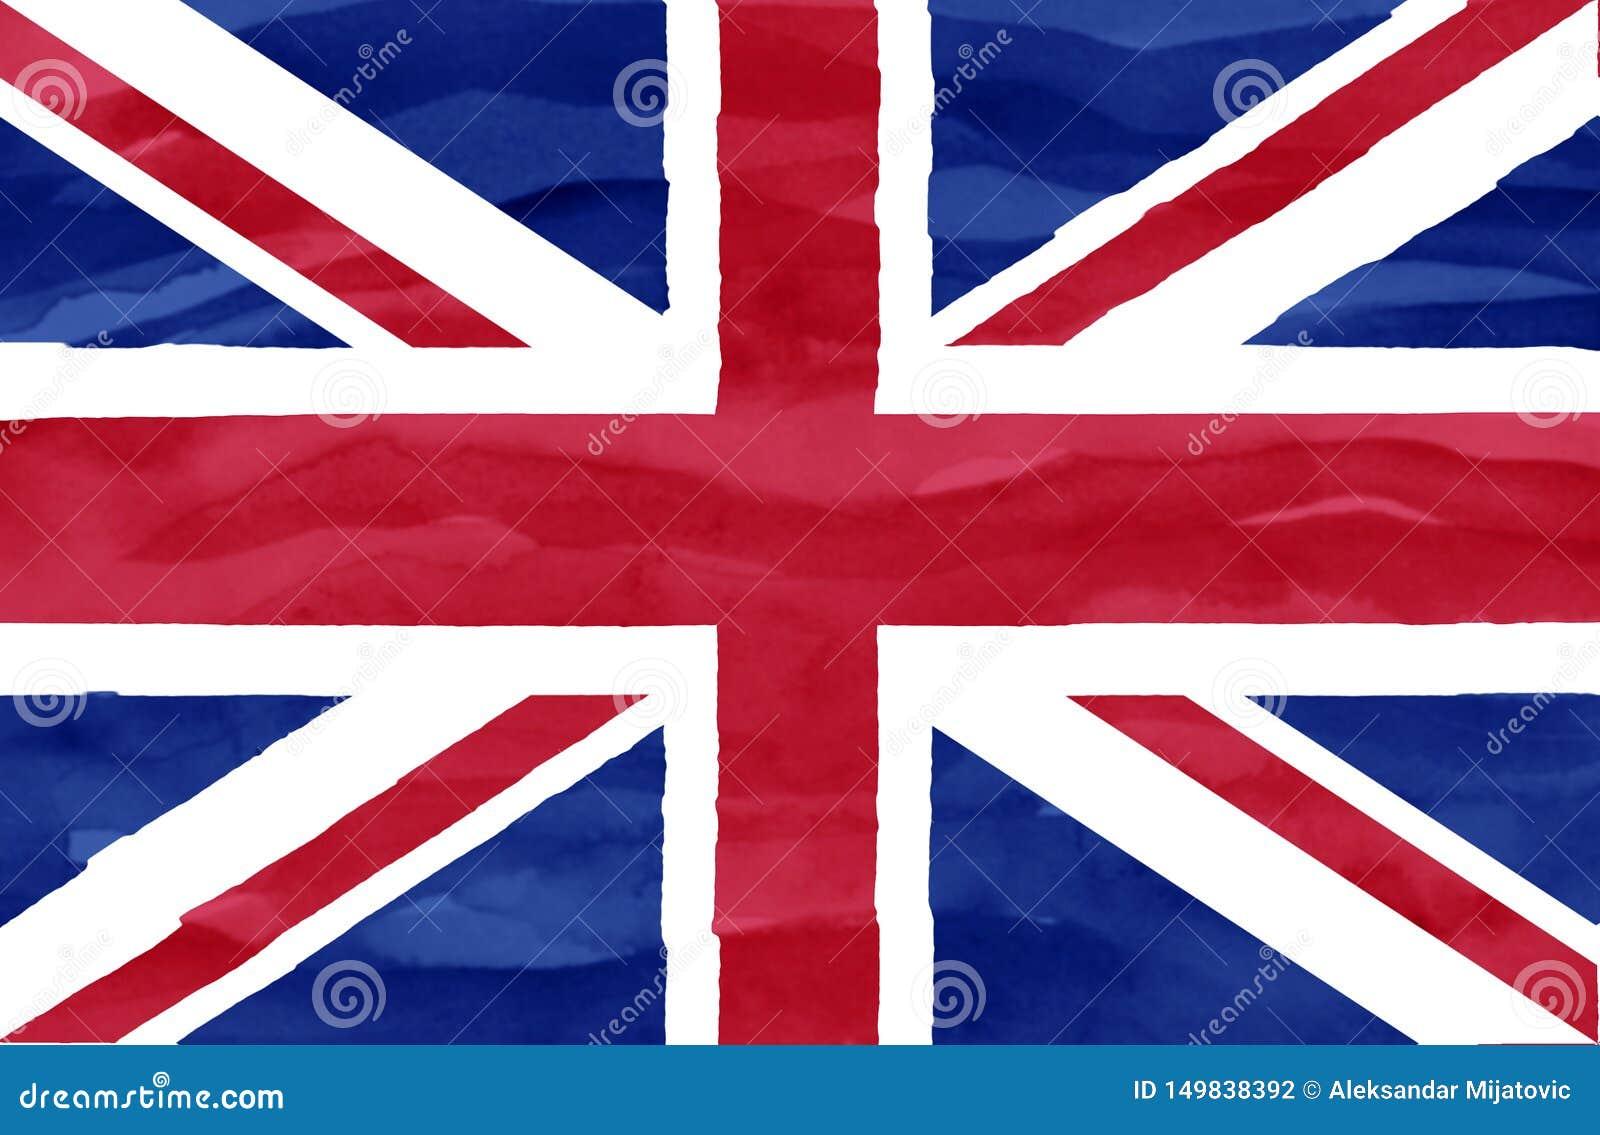 Χρωματισμένη σημαία του Ηνωμένου Βασιλείου